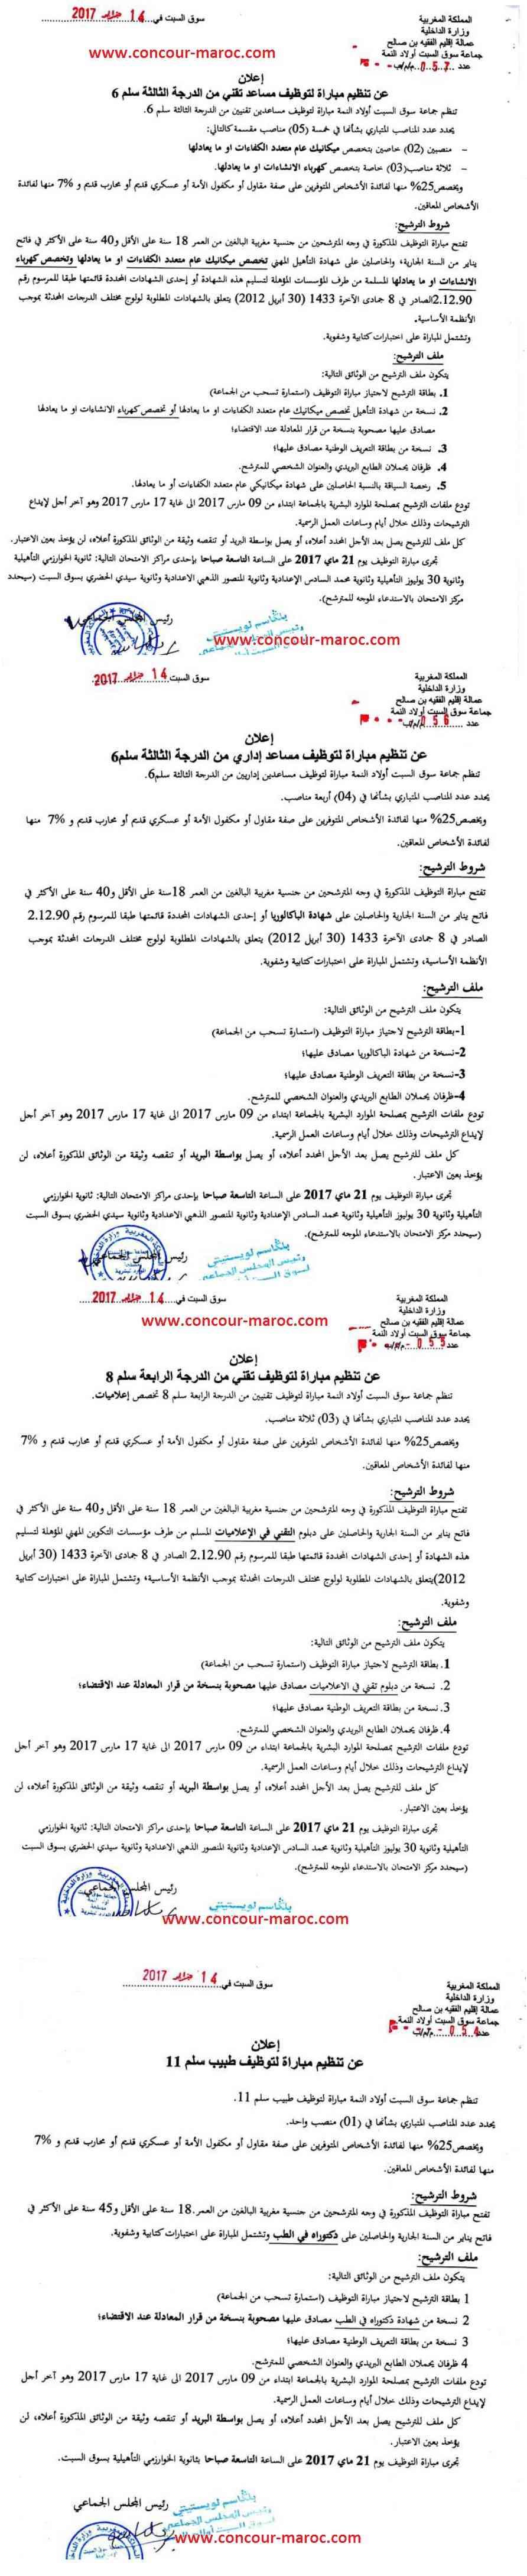 جماعة سوق السبت اولاد النمة (إقليم الفقيه بن صالح) : مباراة لتوظيف في مختلف الدرجات (13 منصب) آخر أجل لإيداع الترشيحات 17 مارس 2017 Concou25